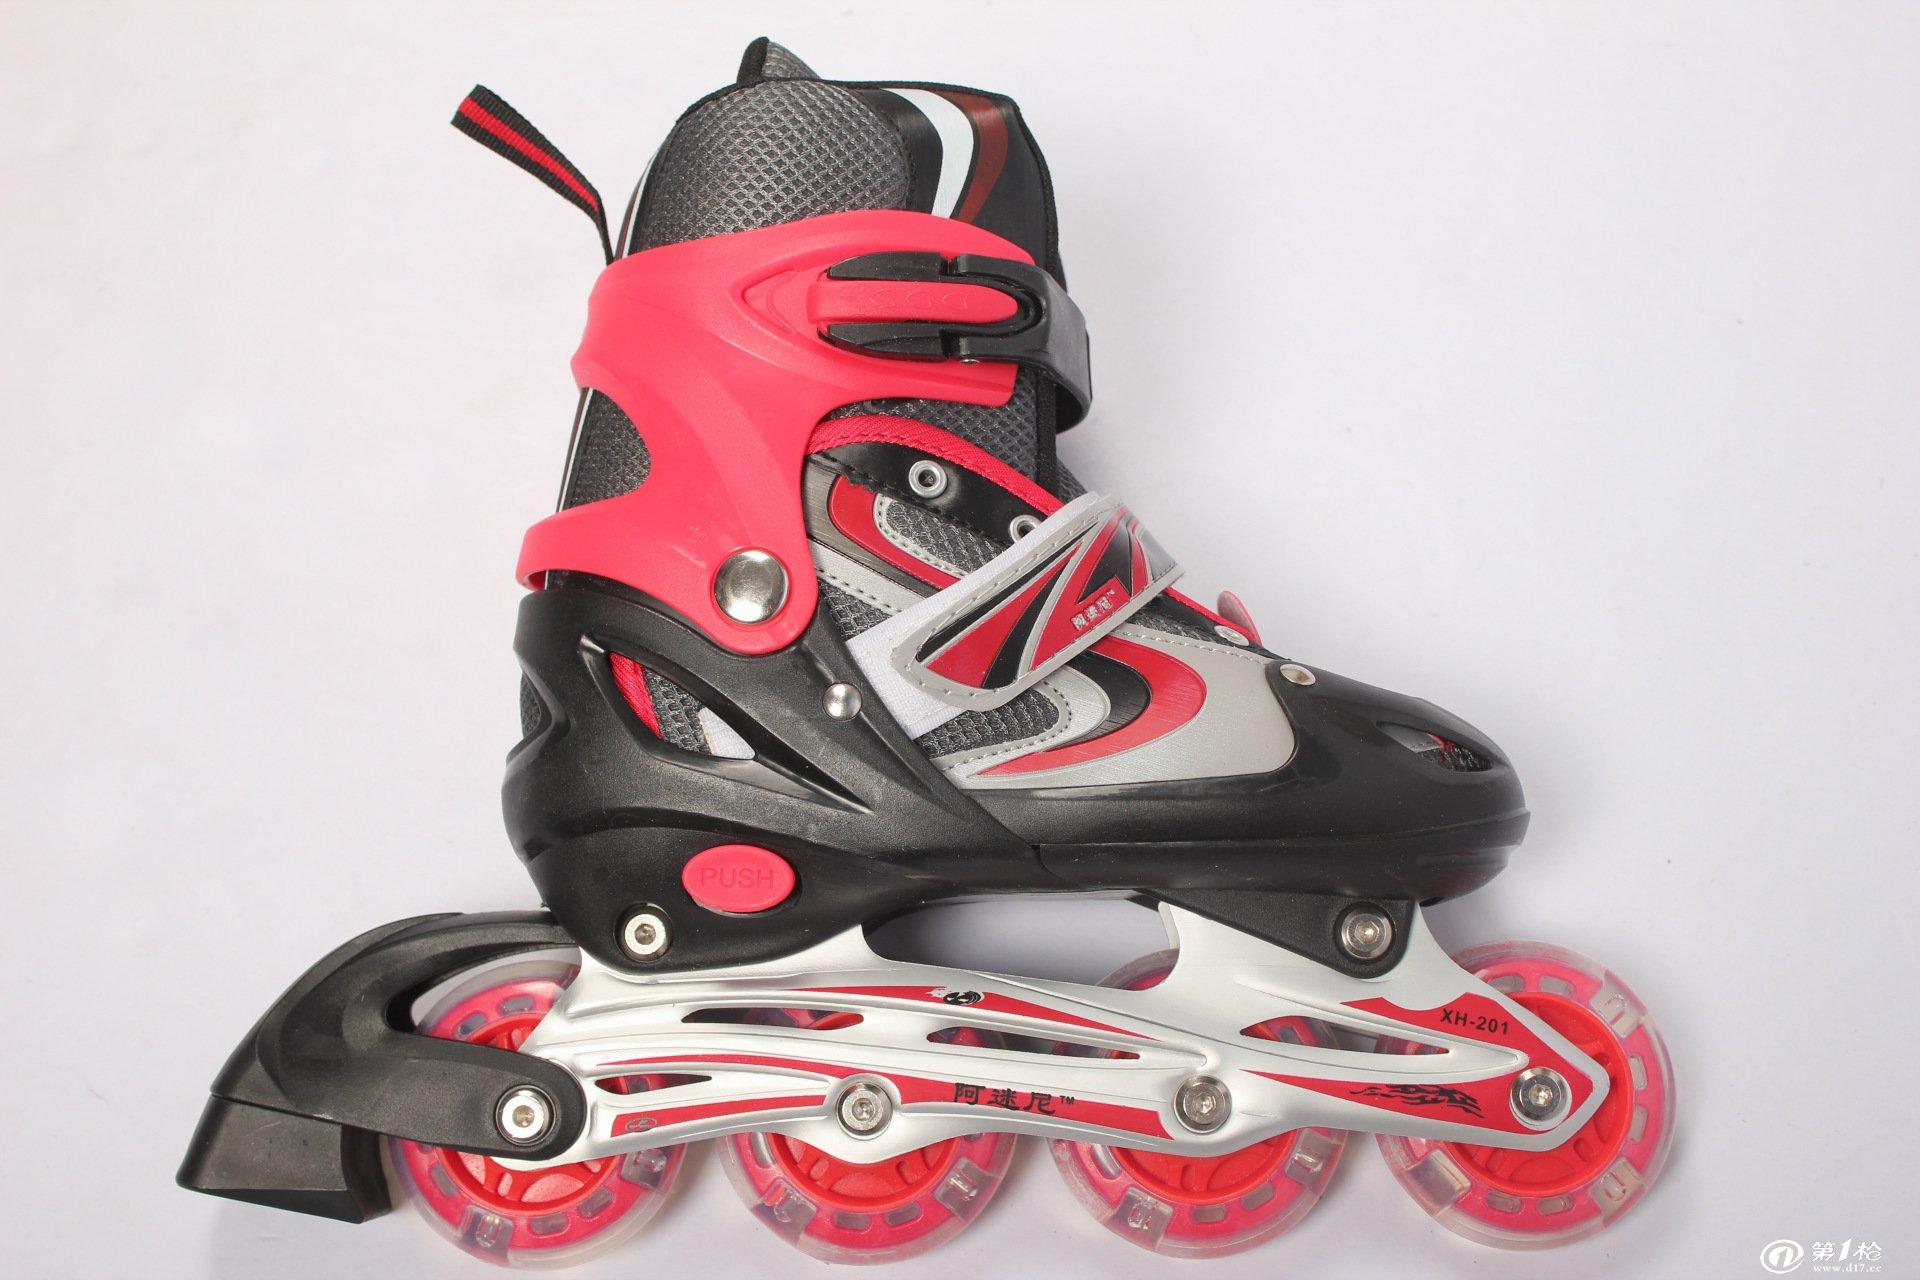 溜冰鞋 轮滑 儿童溜冰鞋 直排轮滑 健身器材滑冰鞋pvc